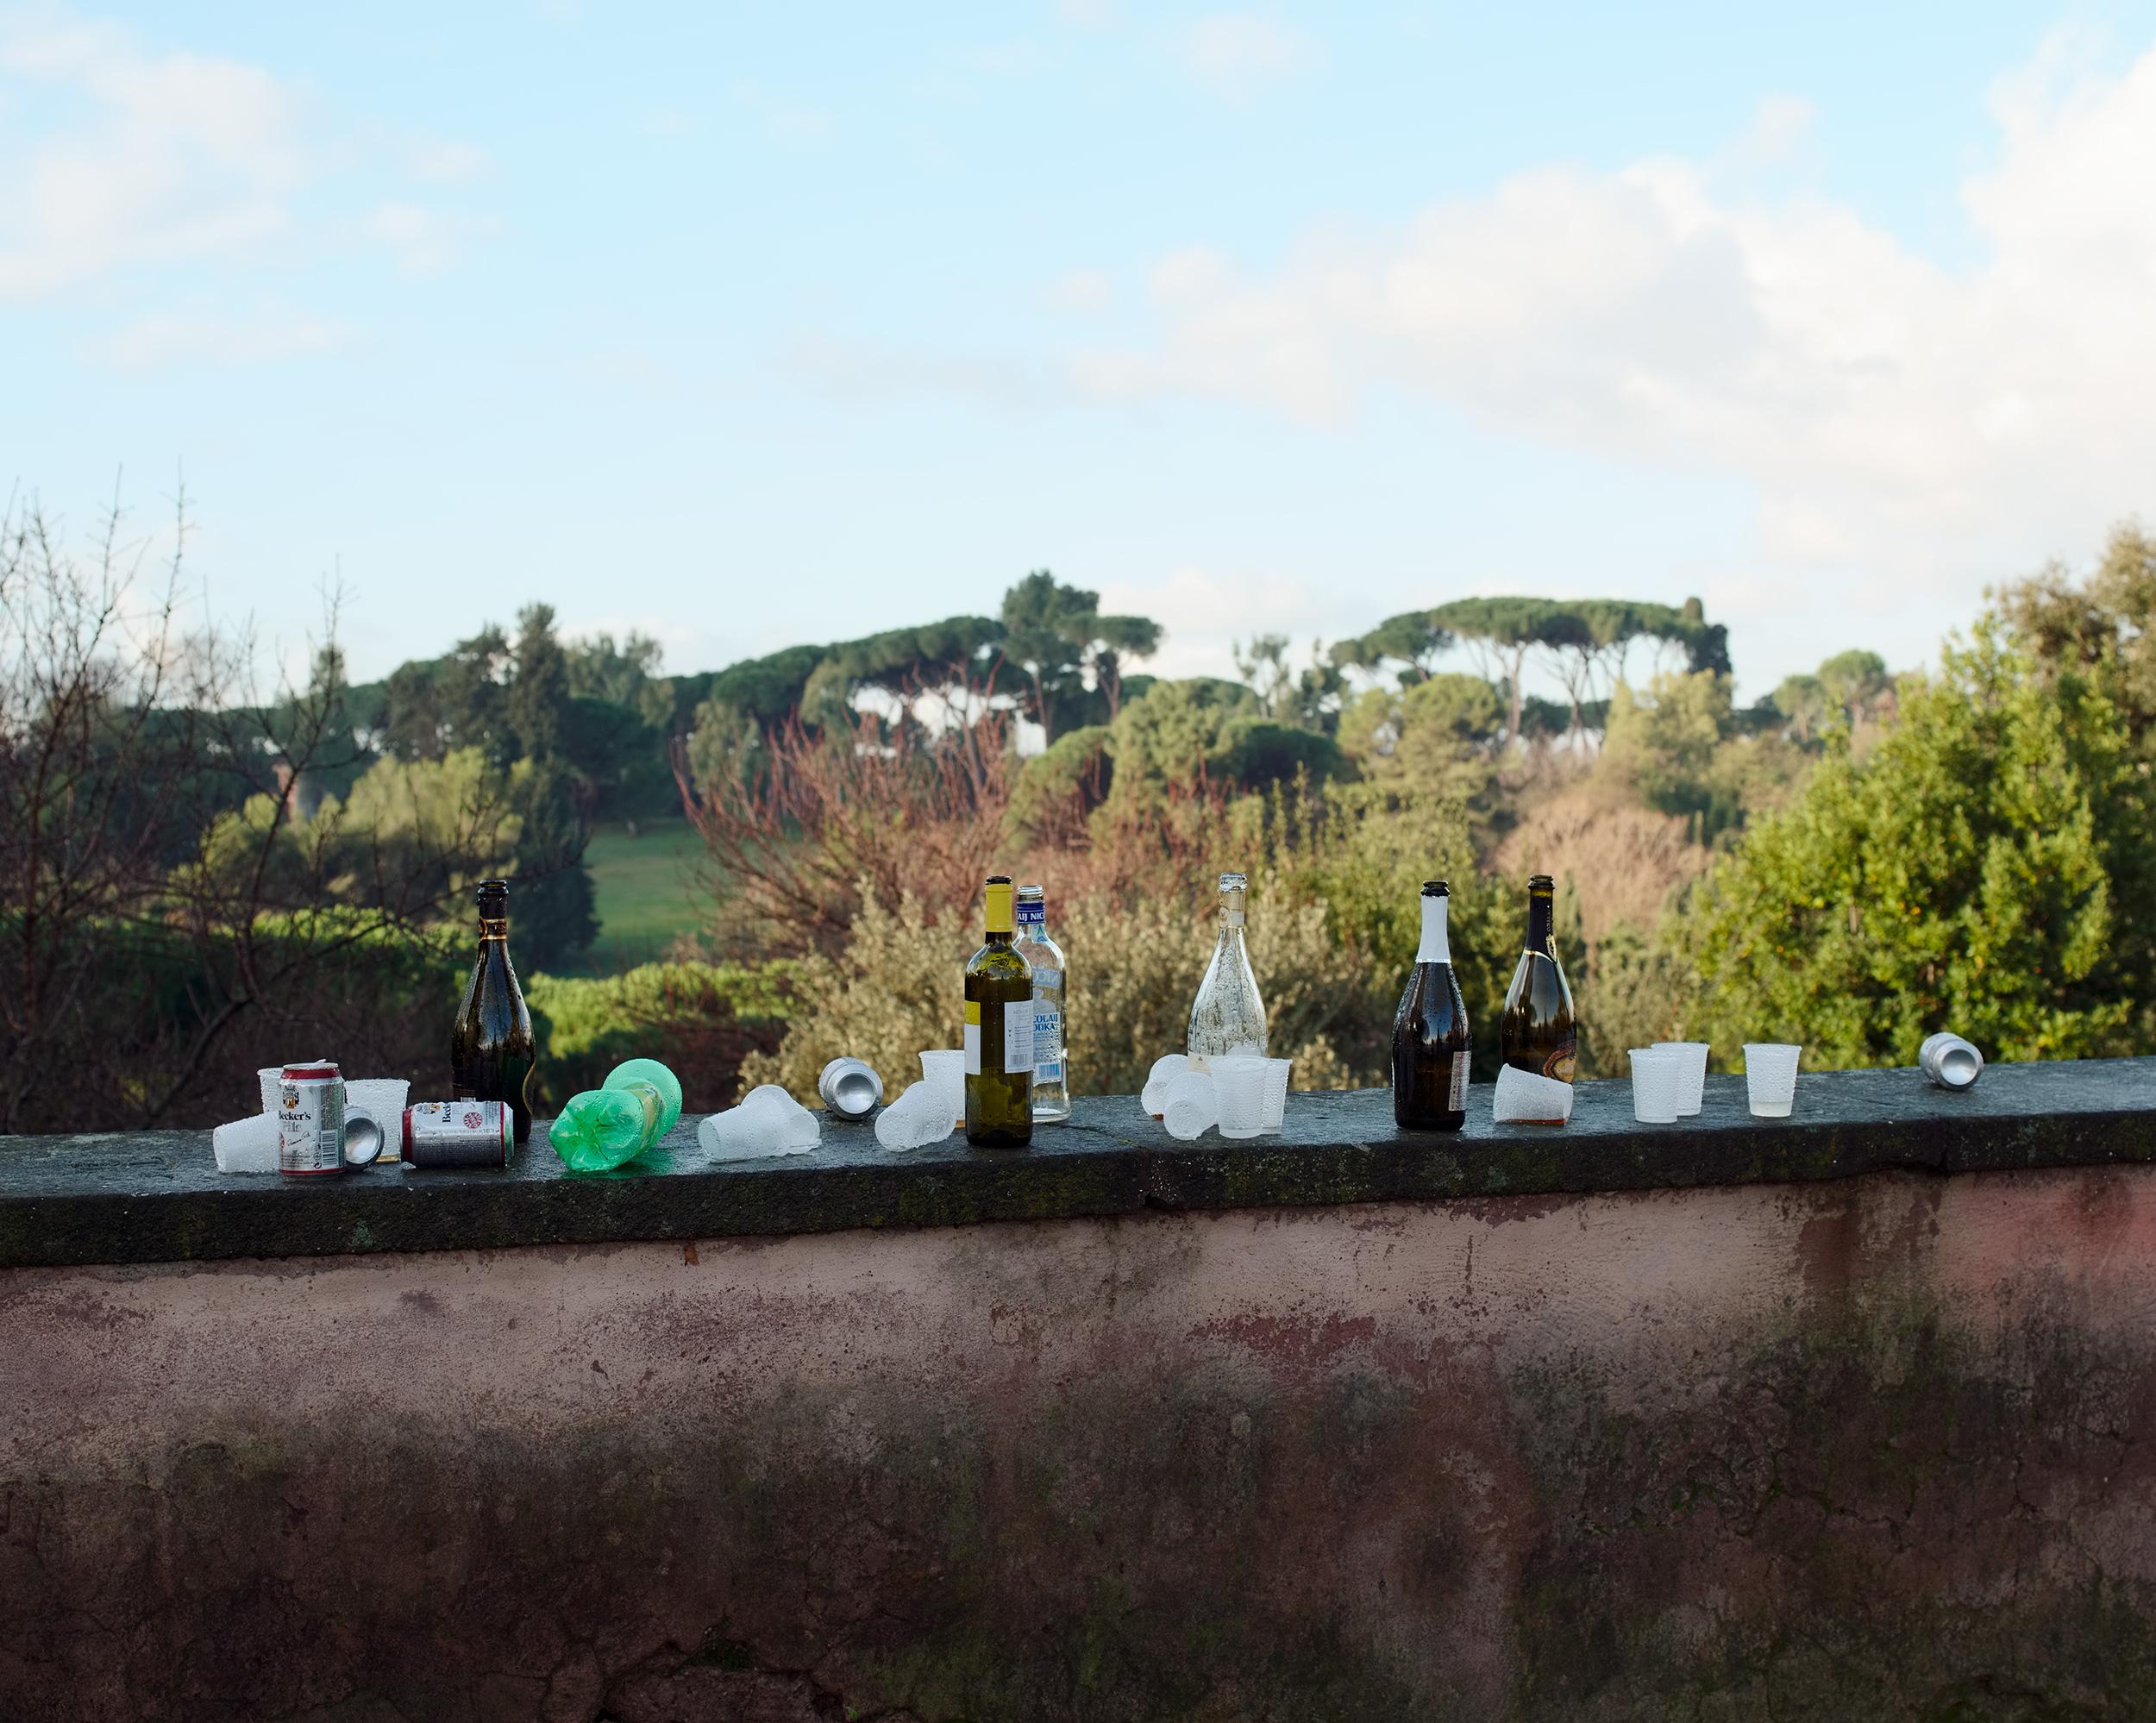 Gianicolo_I_Bottles–30x37–FINAL.jpg